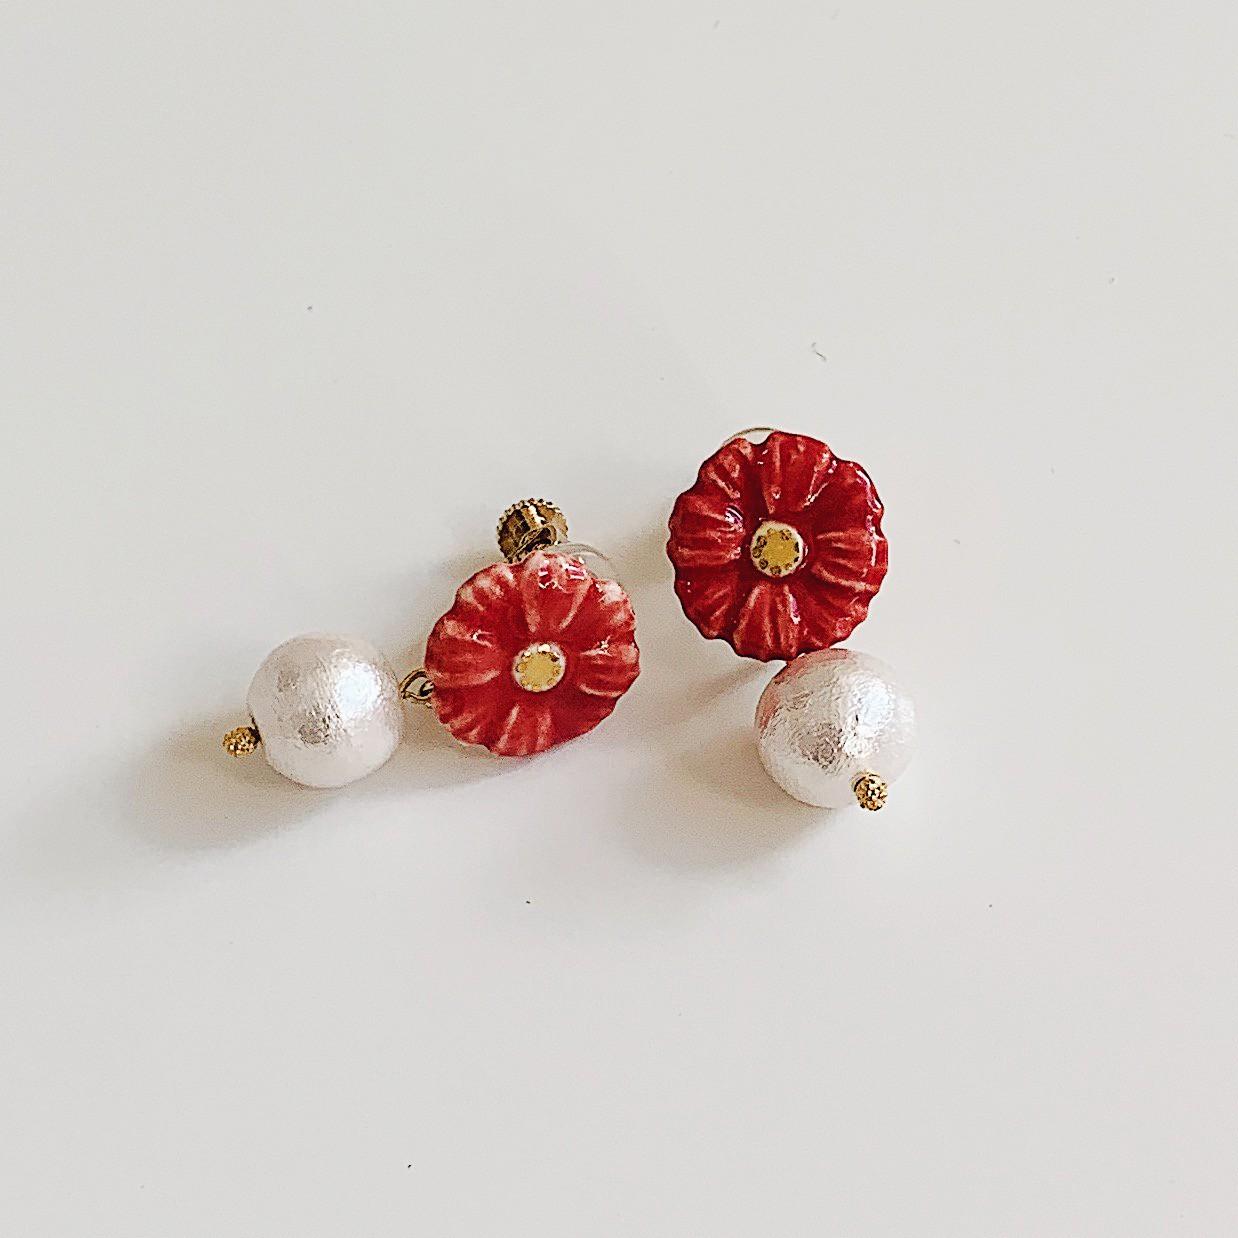 【新作入荷!!】お花の陶器アクセサリー(ひまわり・ガーベラ)